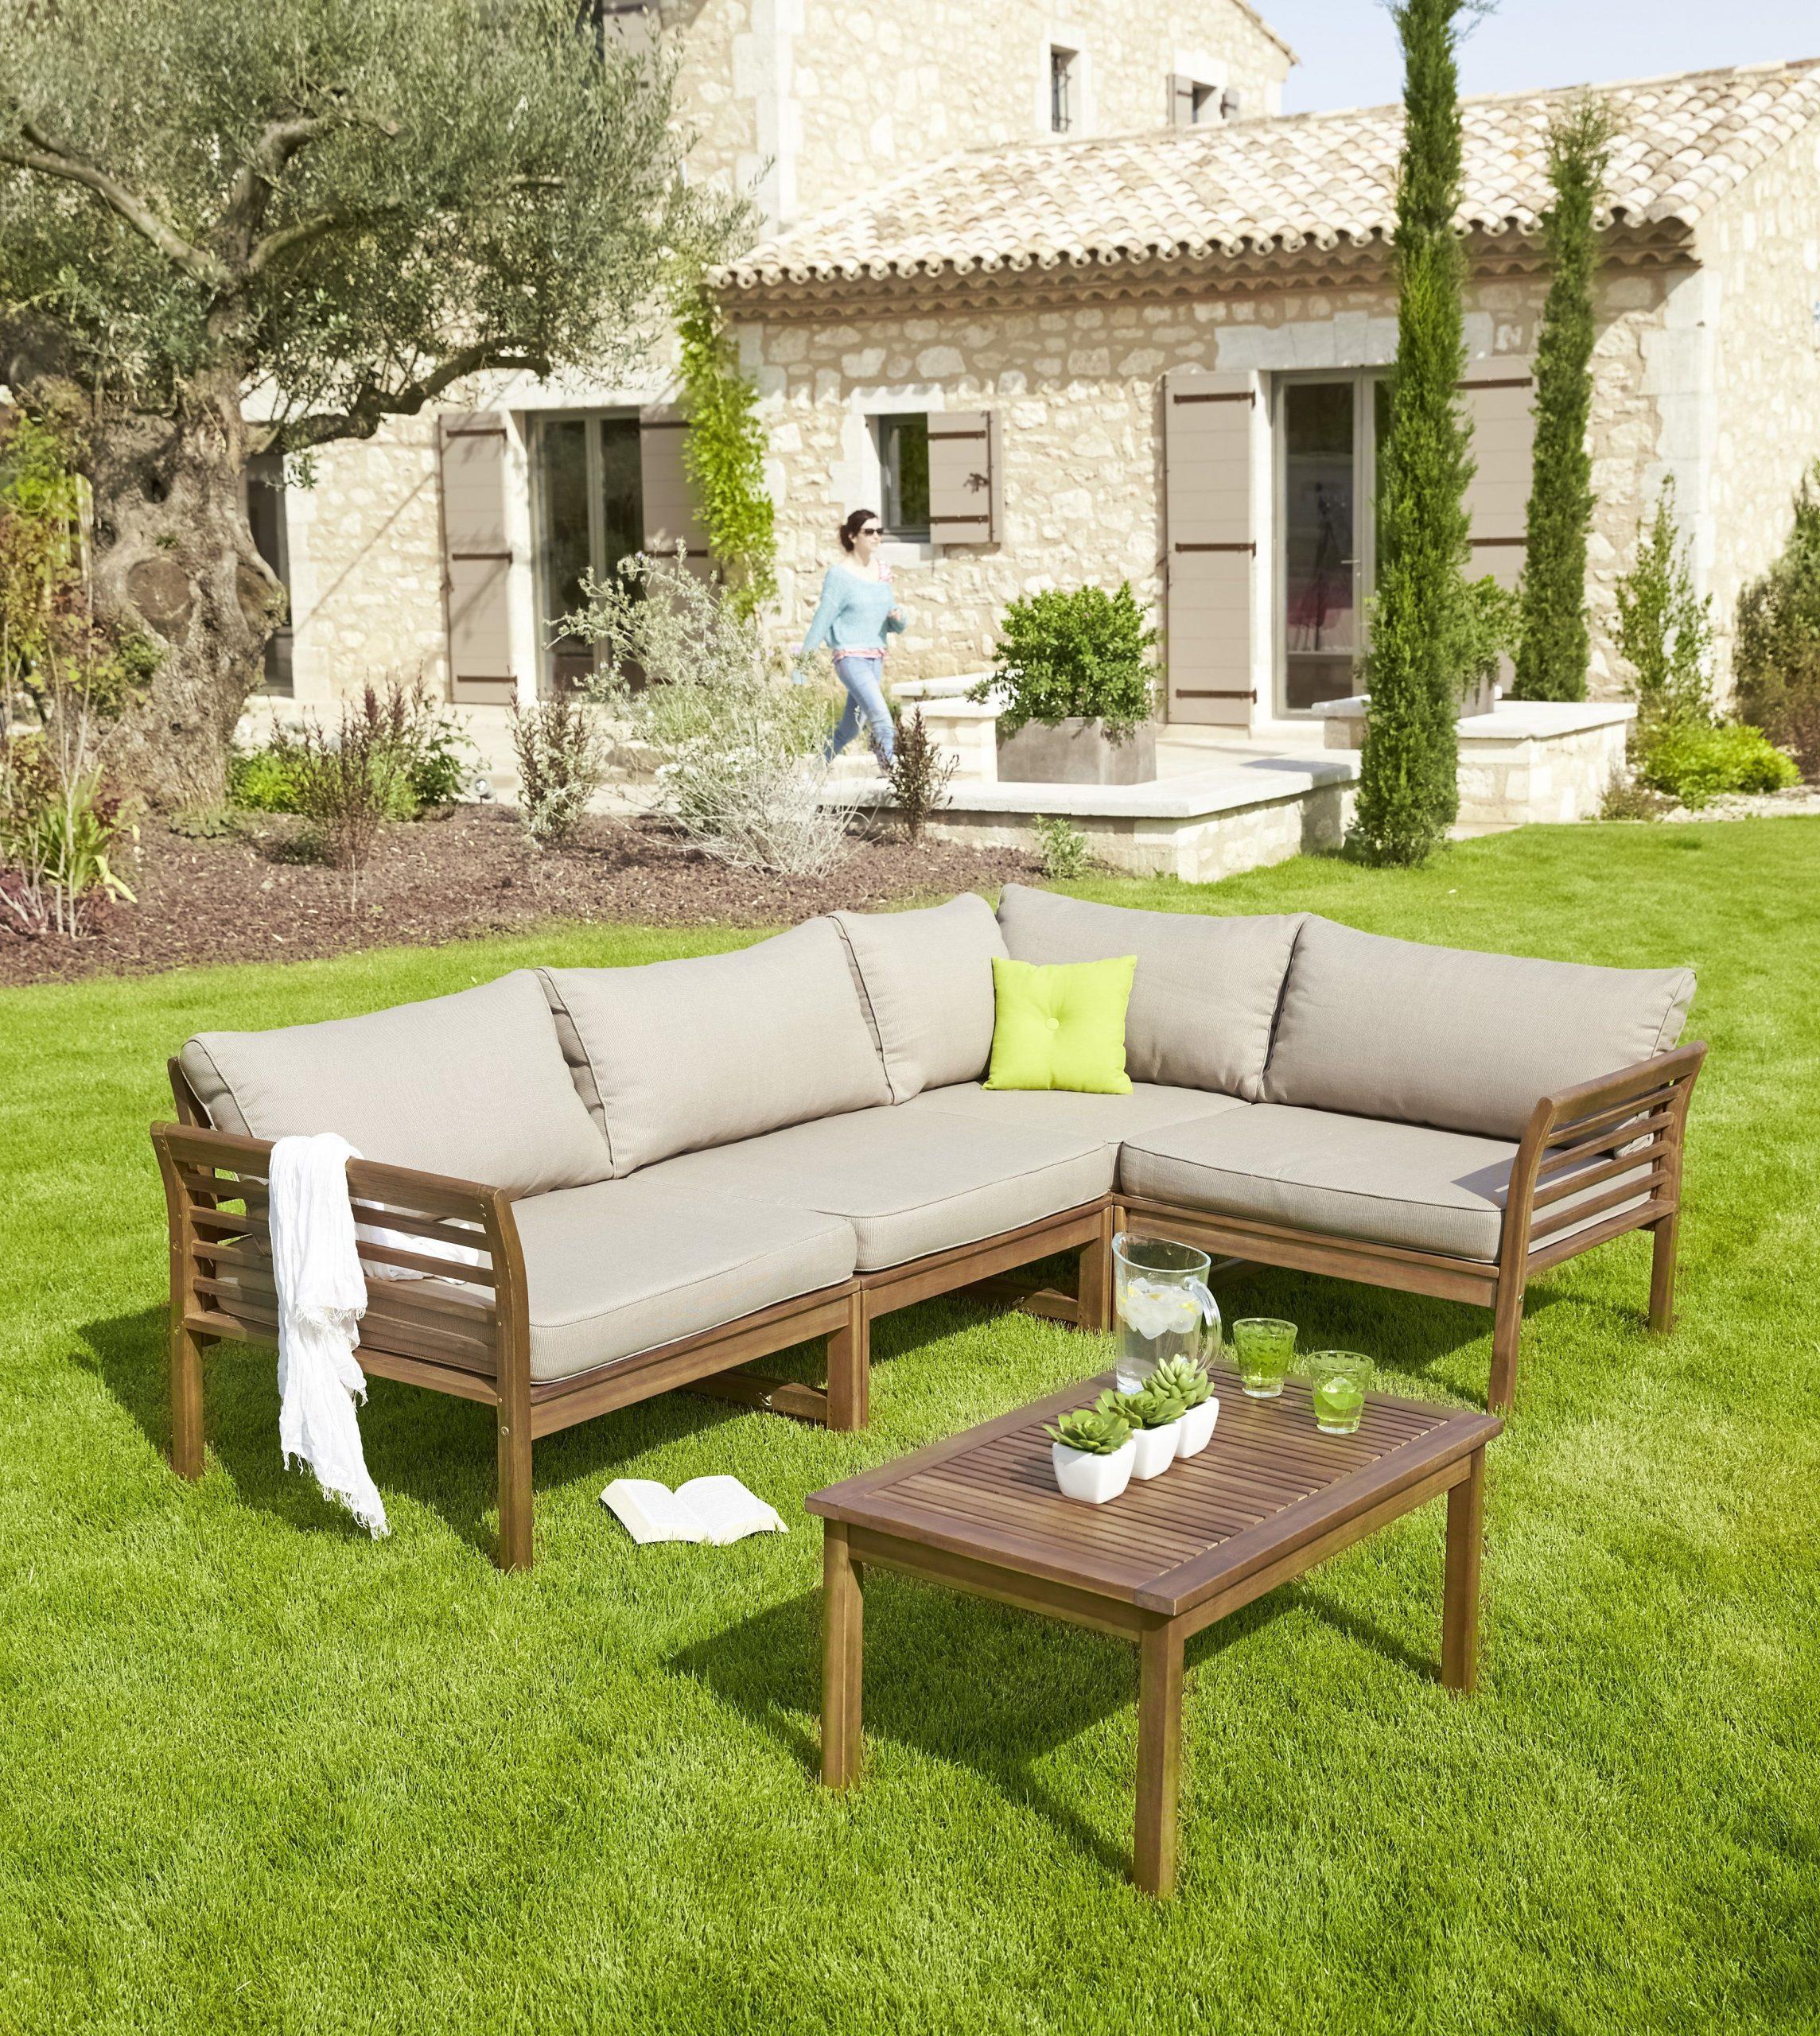 Salon D'angle D'extérieur En Bois Canapé Et Table Basse ... pour Salon De Jardin Tressé Carrefour